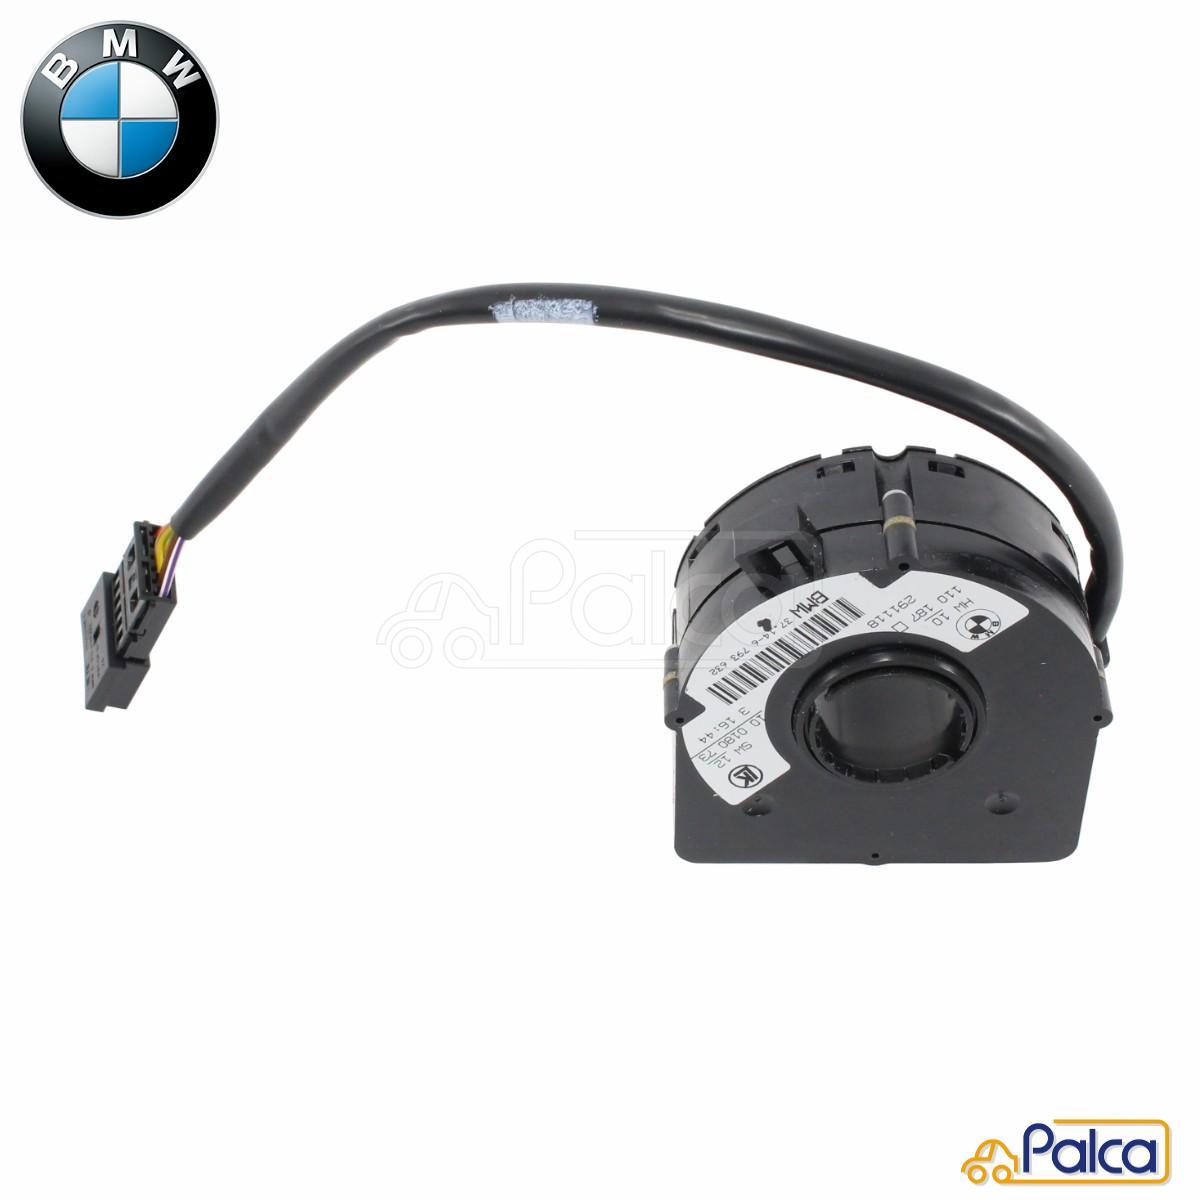 【あす楽】BMW ステアリングアングルセンサー E38/735i 740i 750iL | X3 E83/2.5i 2.5si 3.0i 3.0si | X5 E53/3.0i 4.4i 4.6is 4.8is | 純正 32306793632